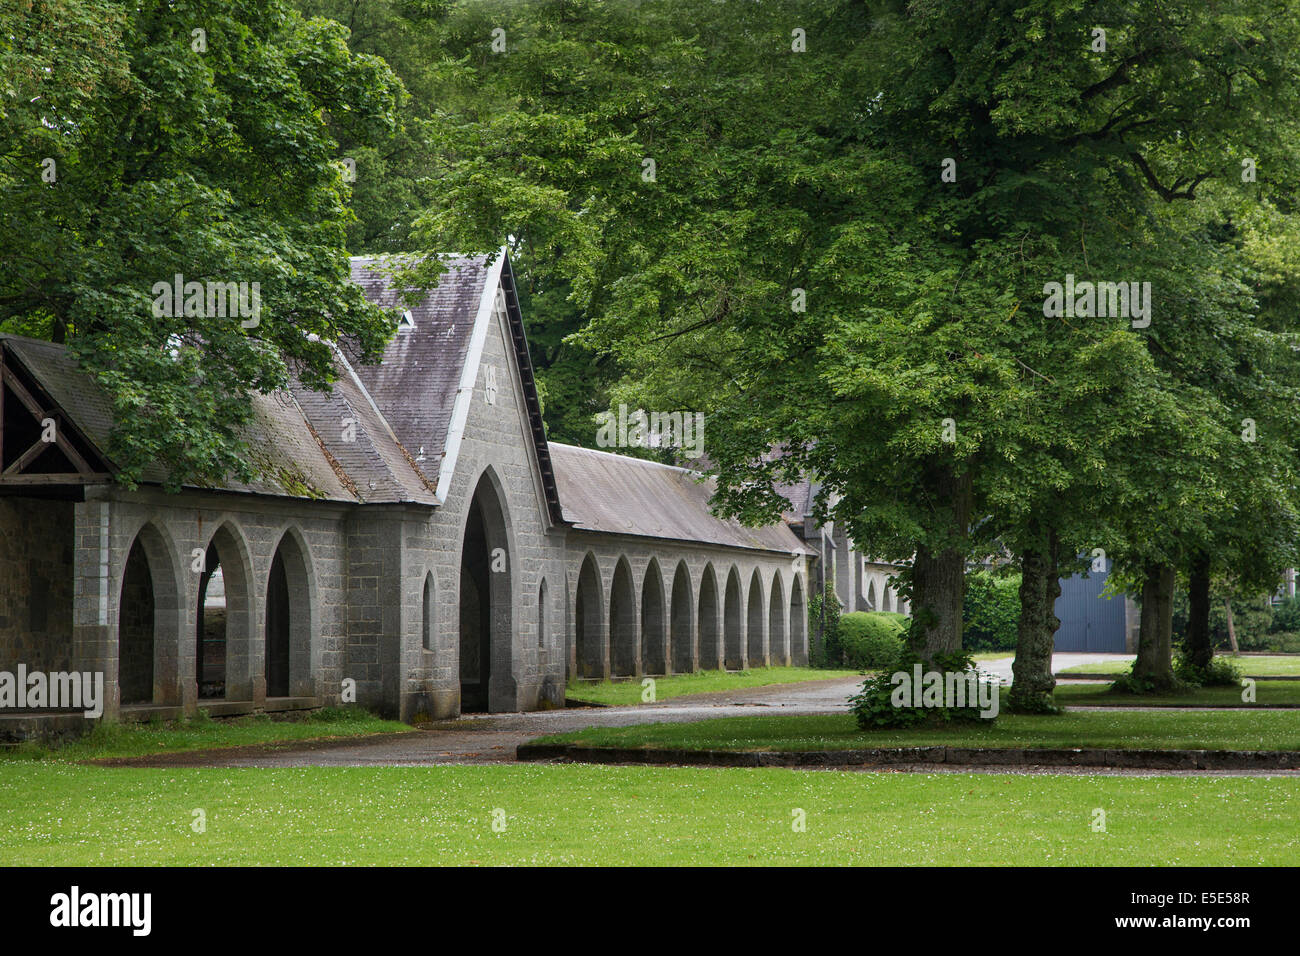 Cloître de l'abbaye de Maredsous, un monastère bénédictin à Denée, Belgique Photo Stock